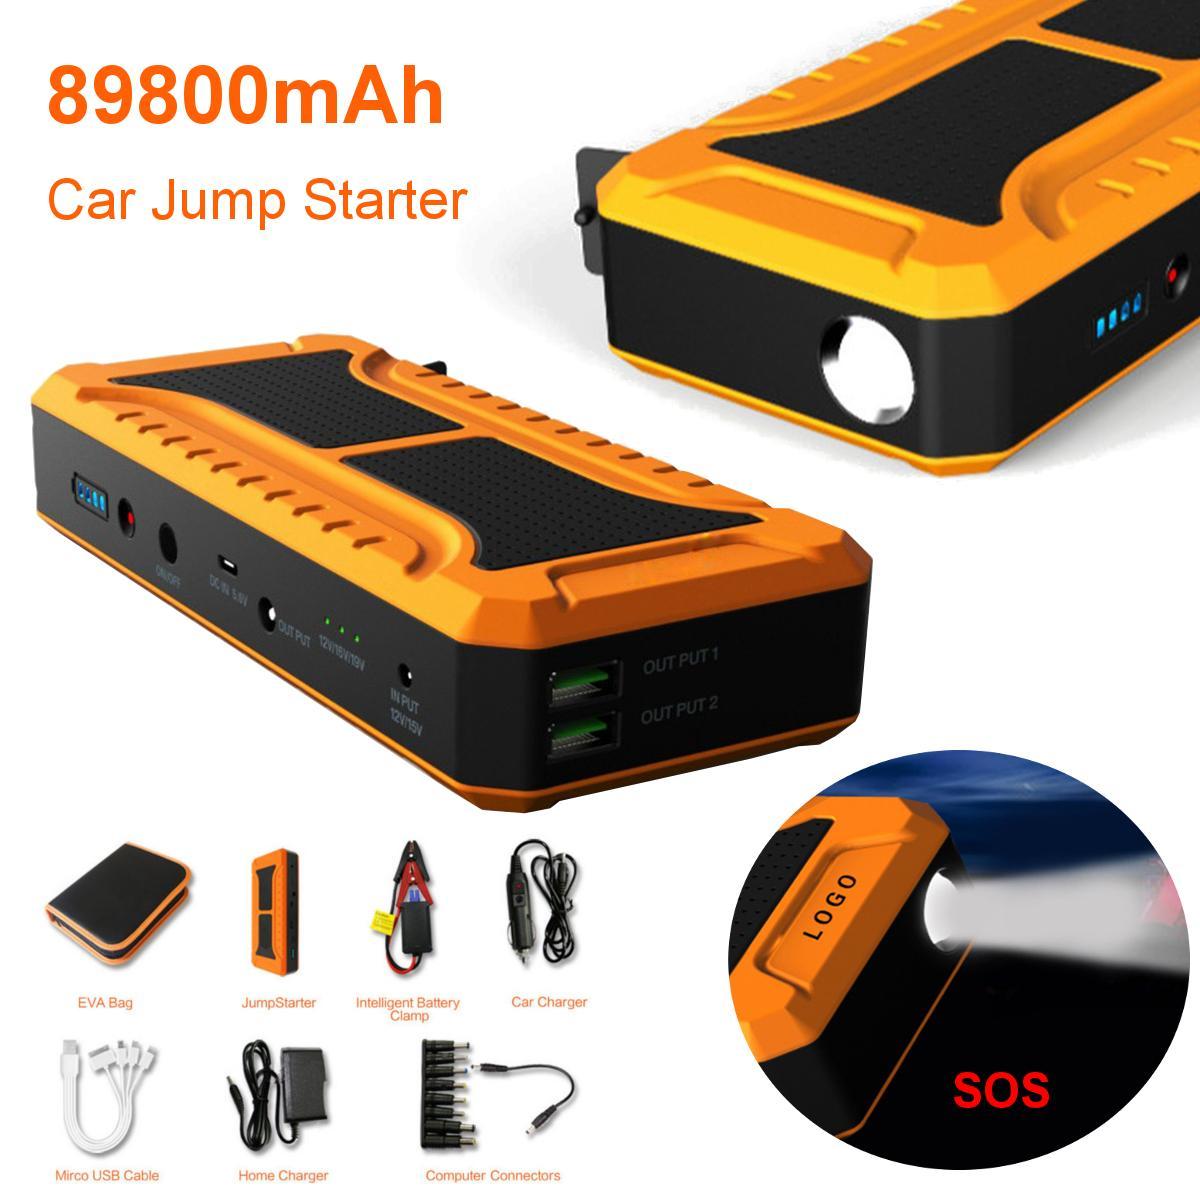 12V Car Jump Starter 89800mAh 2 USB LED Emergency Battery Booster Power Bank